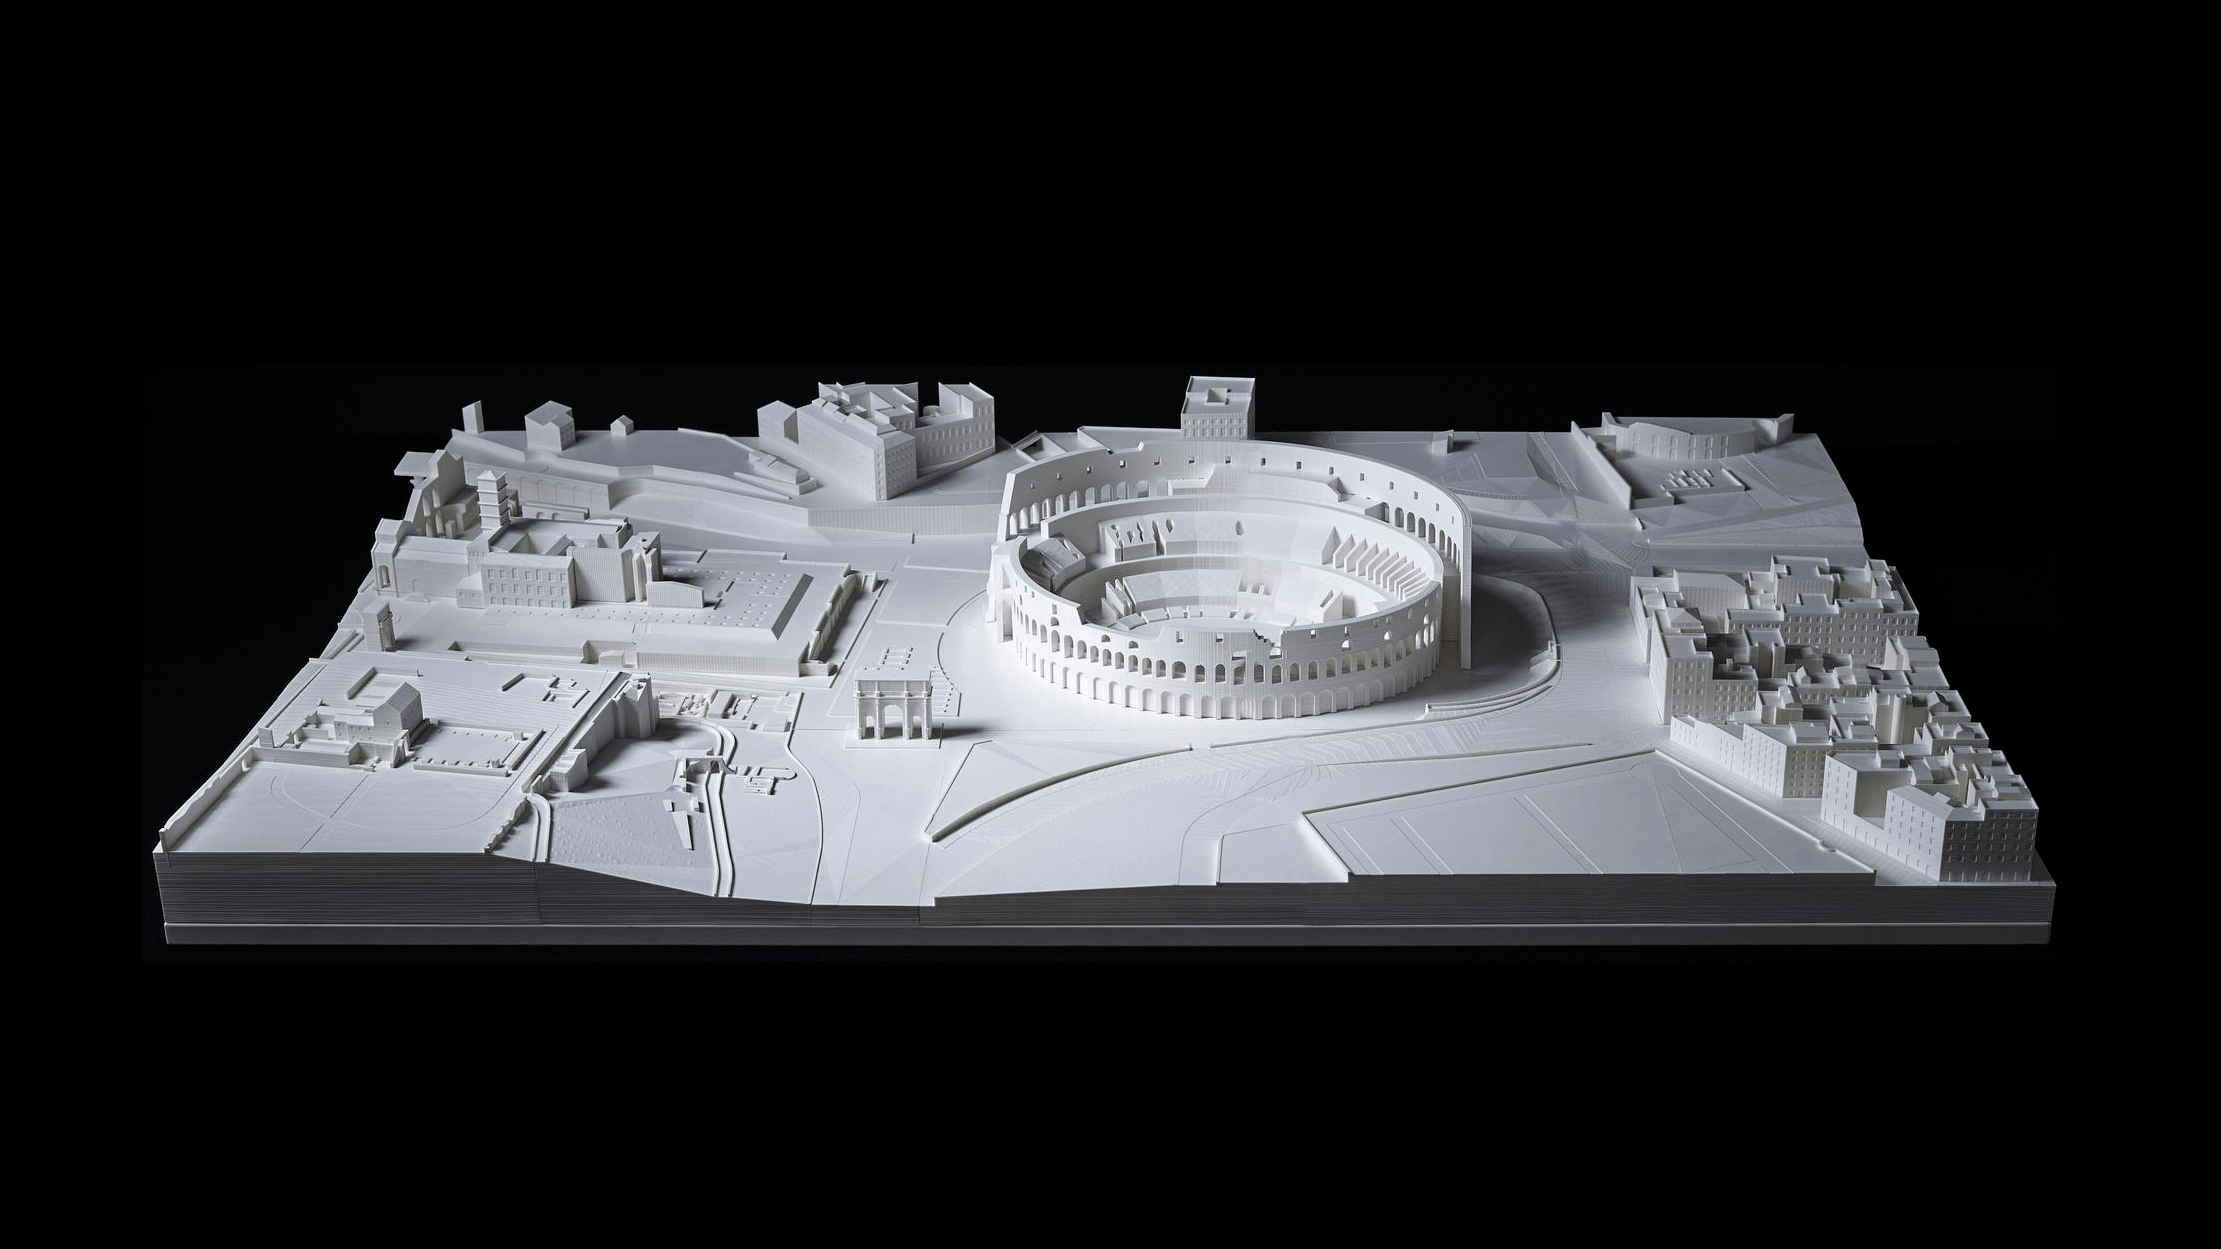 Architekturmodell von Rom in weiß mittels 3D-Druck gefertigt